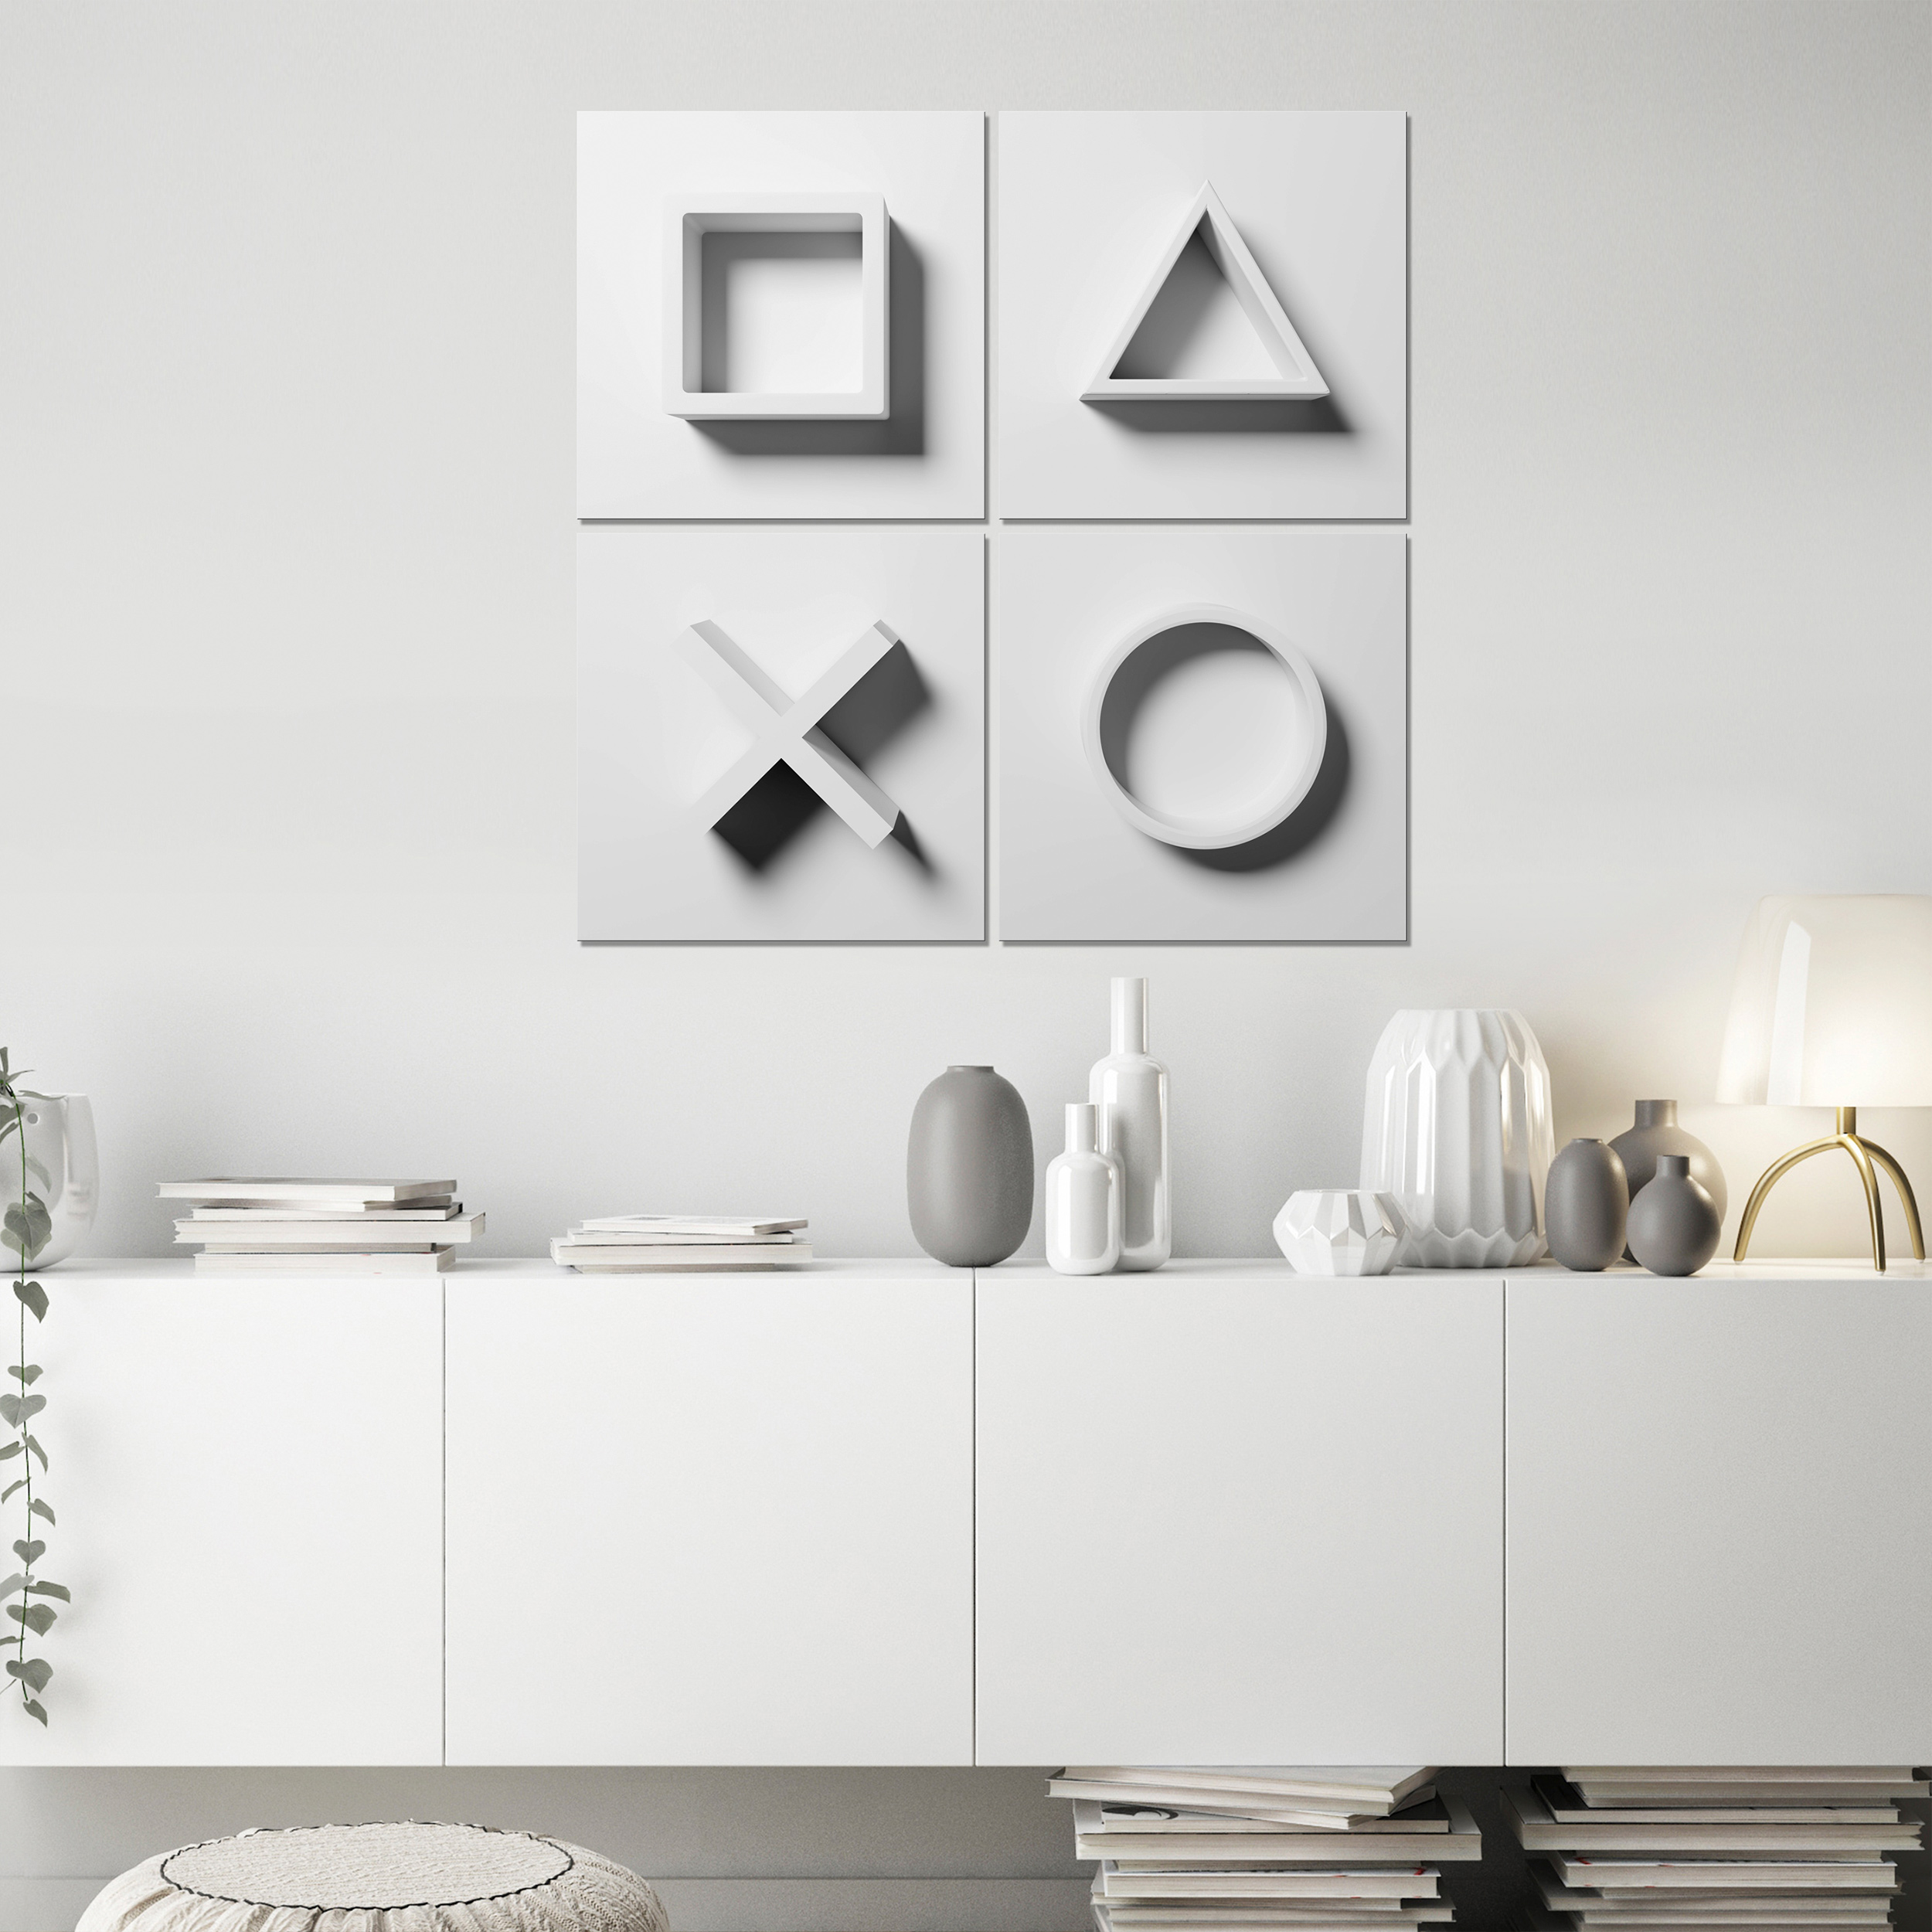 Indexbild 9 - Leinwand DEKO BILDER Spieler PlayStation Wandbild XXL Wohnzimmer Abstrakt 4Motiv